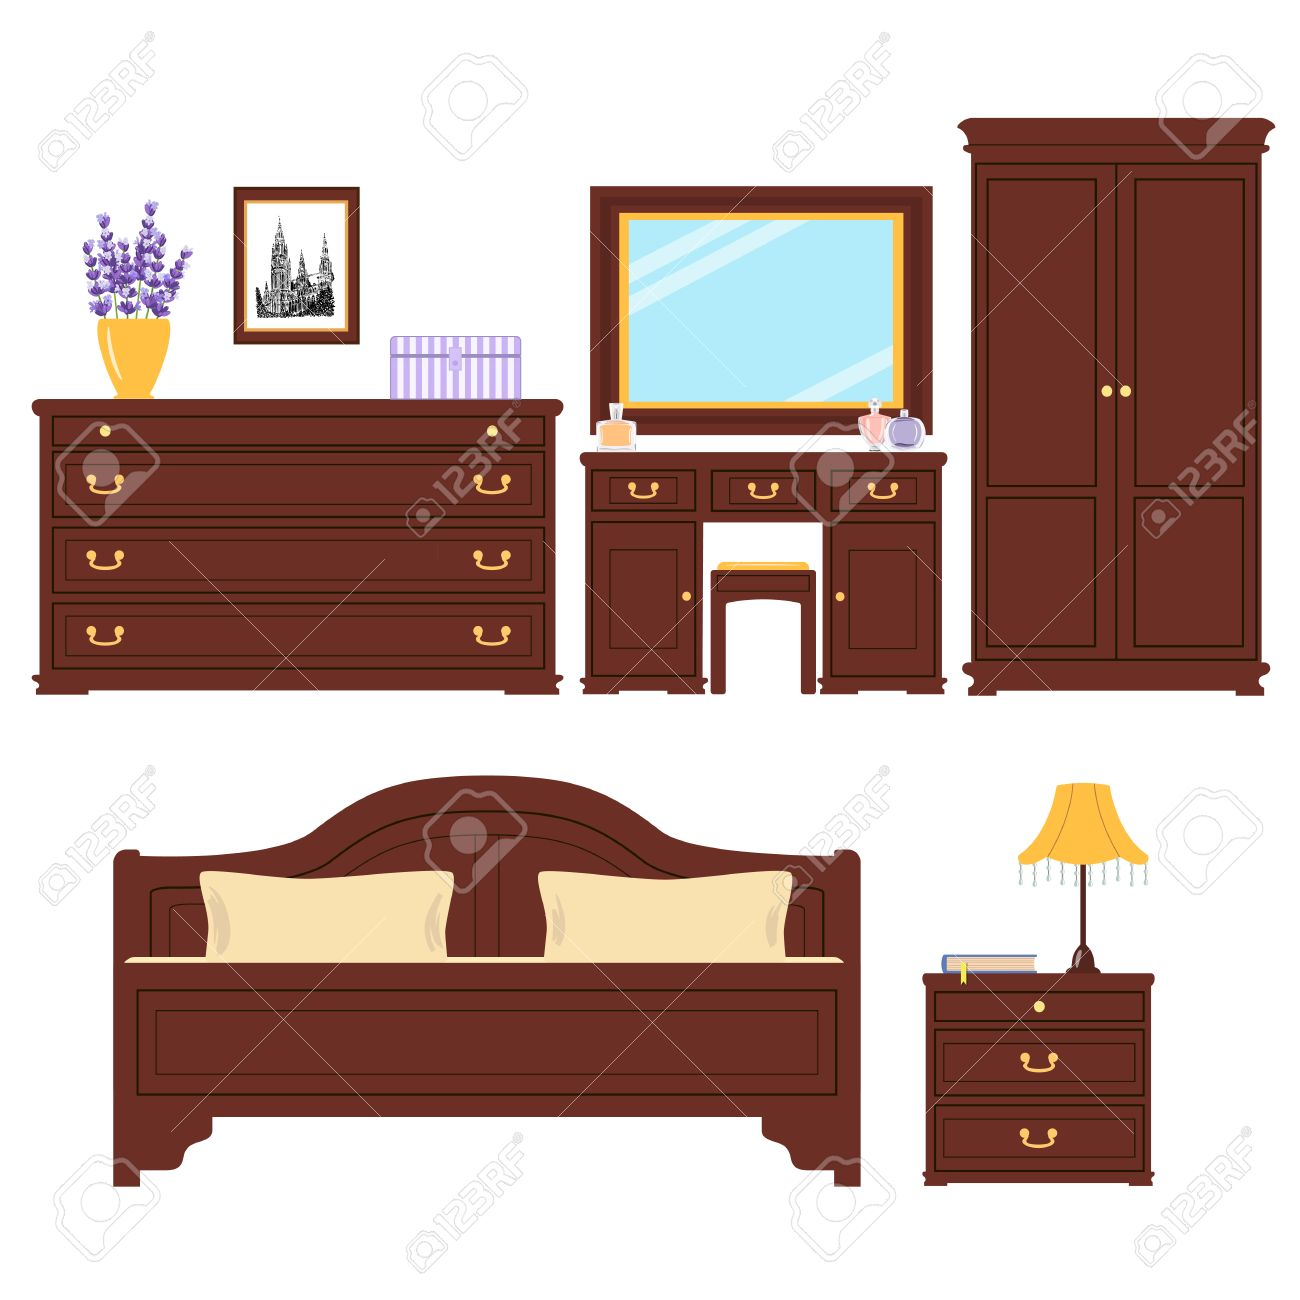 Completo di mobili per camera da letto. camera da letto carino. Per la  pubblicità, immagine immobiliare, negozio di arredamento. Letto, foto, ...